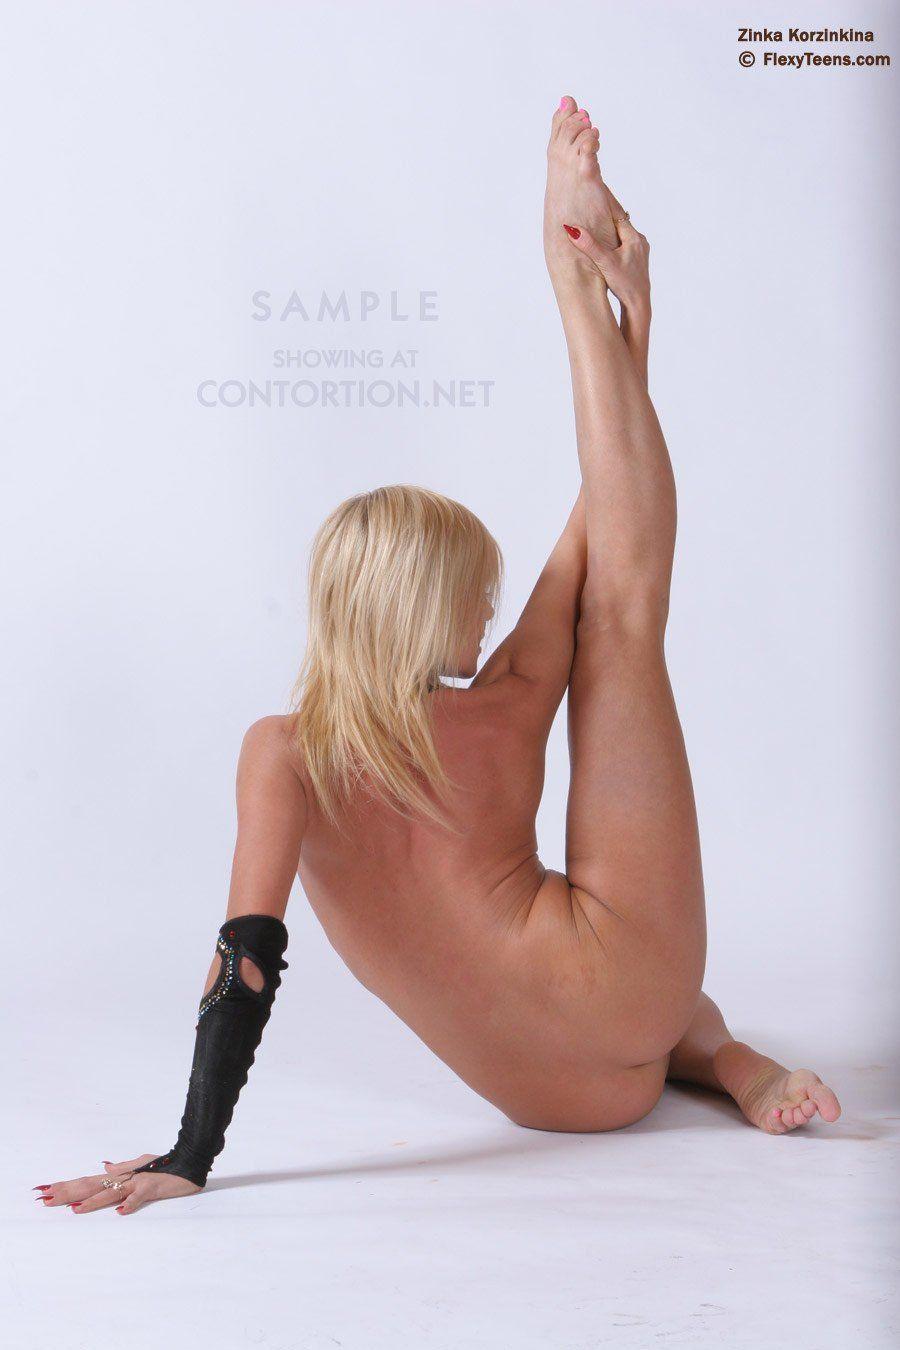 Avril livigne nude pics